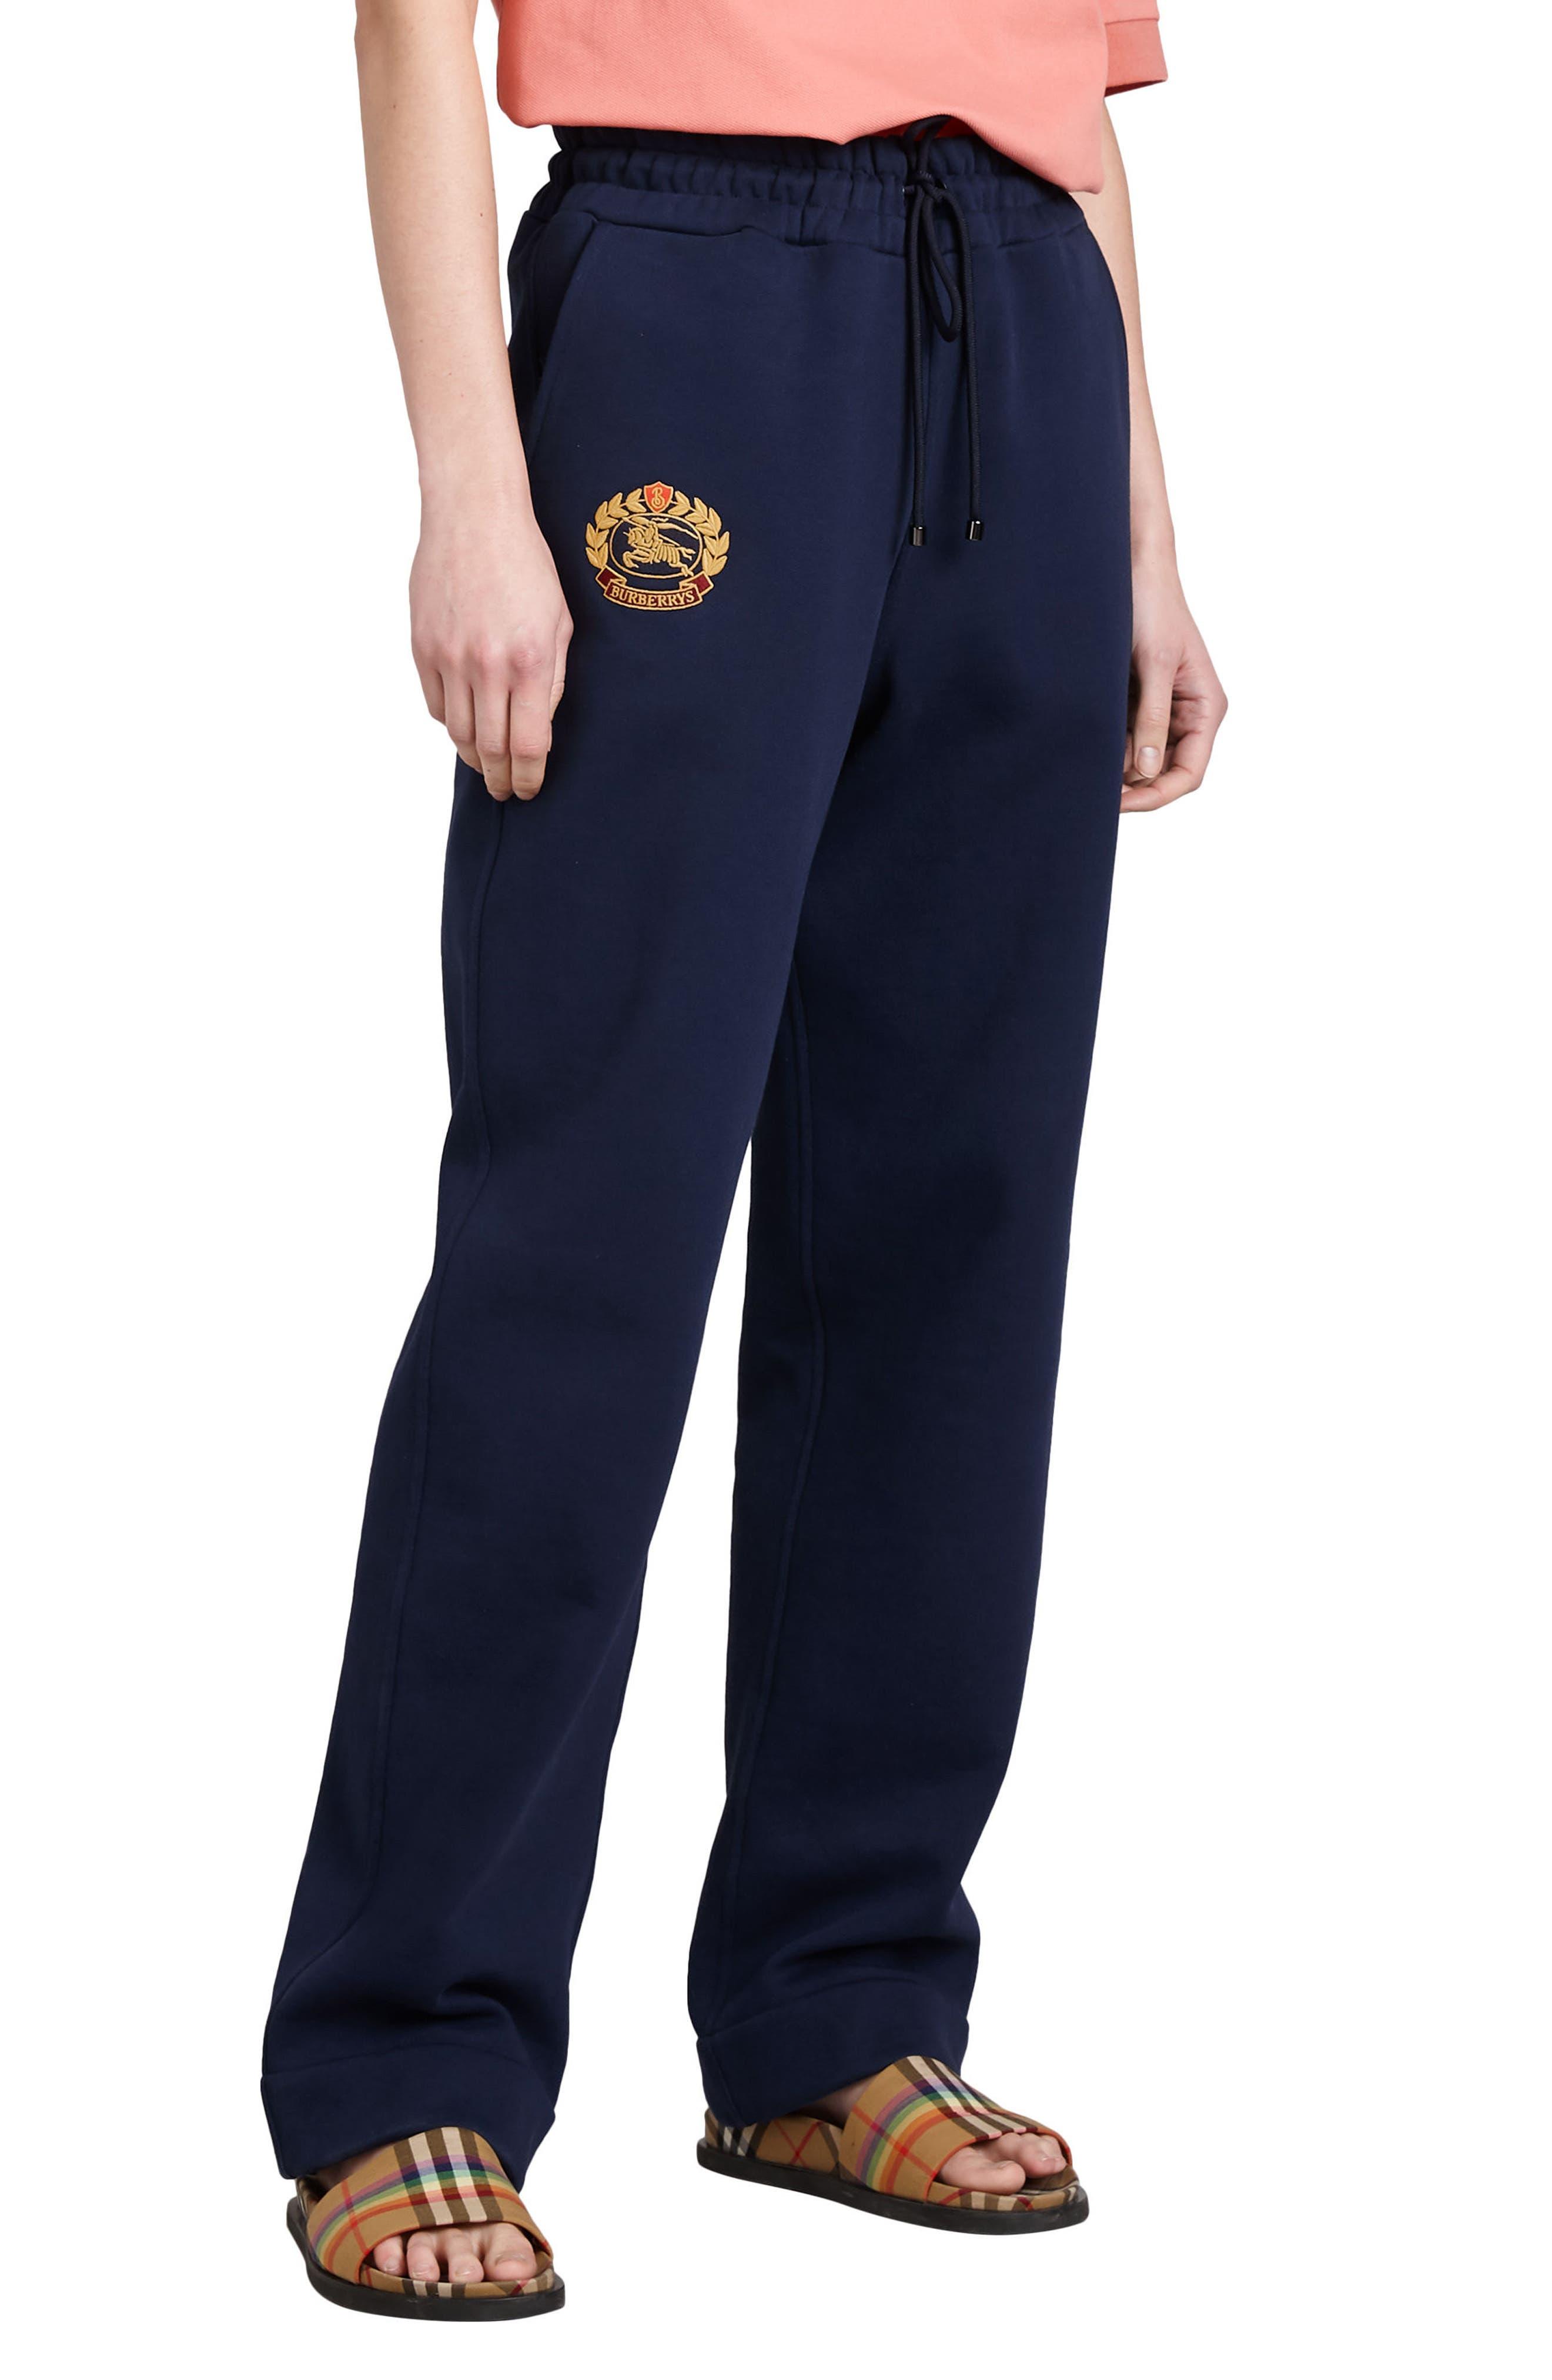 Vintage Crest Sweatpants,                         Main,                         color, Midnight Blue